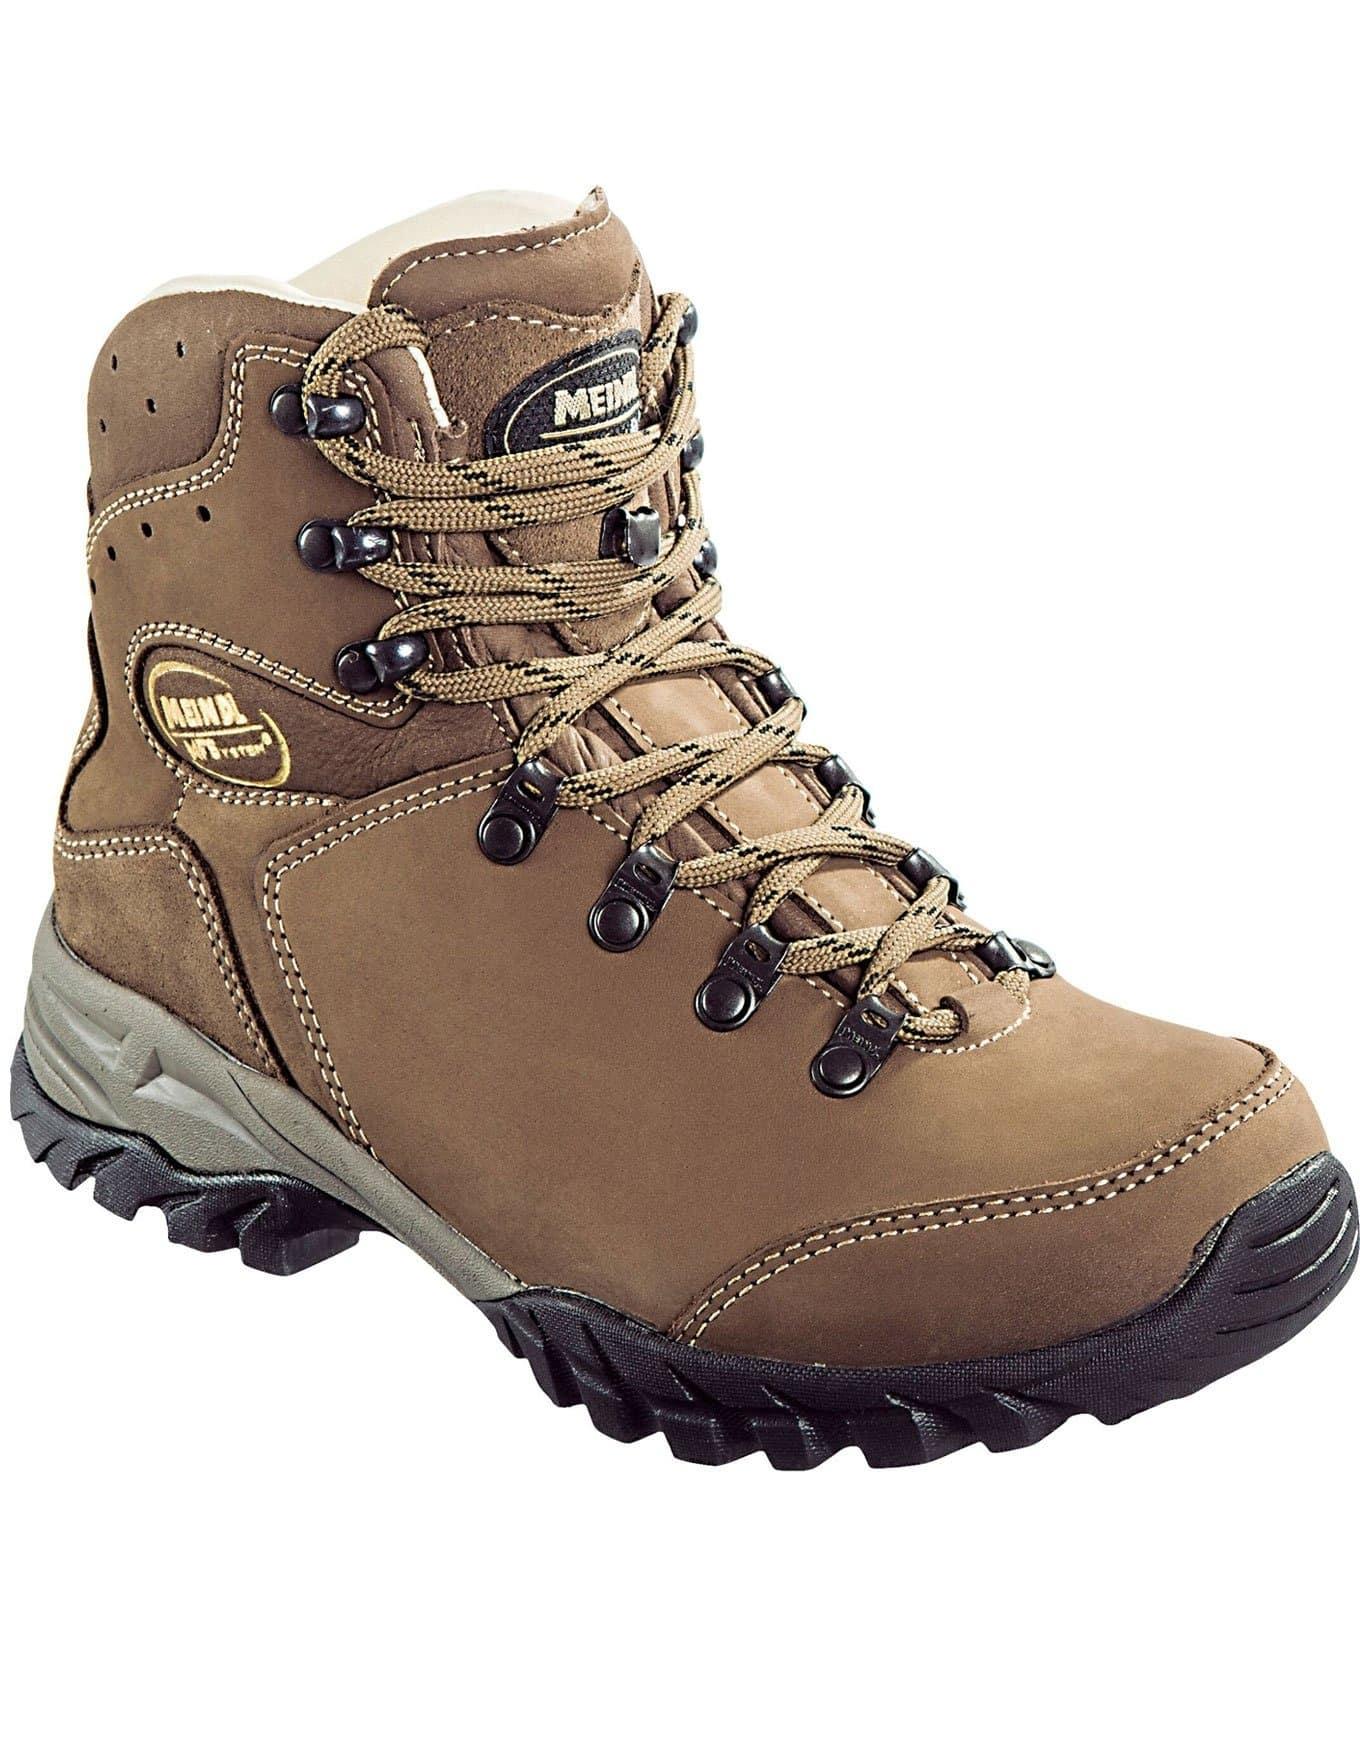 Des chaussures de randonnée femme montante